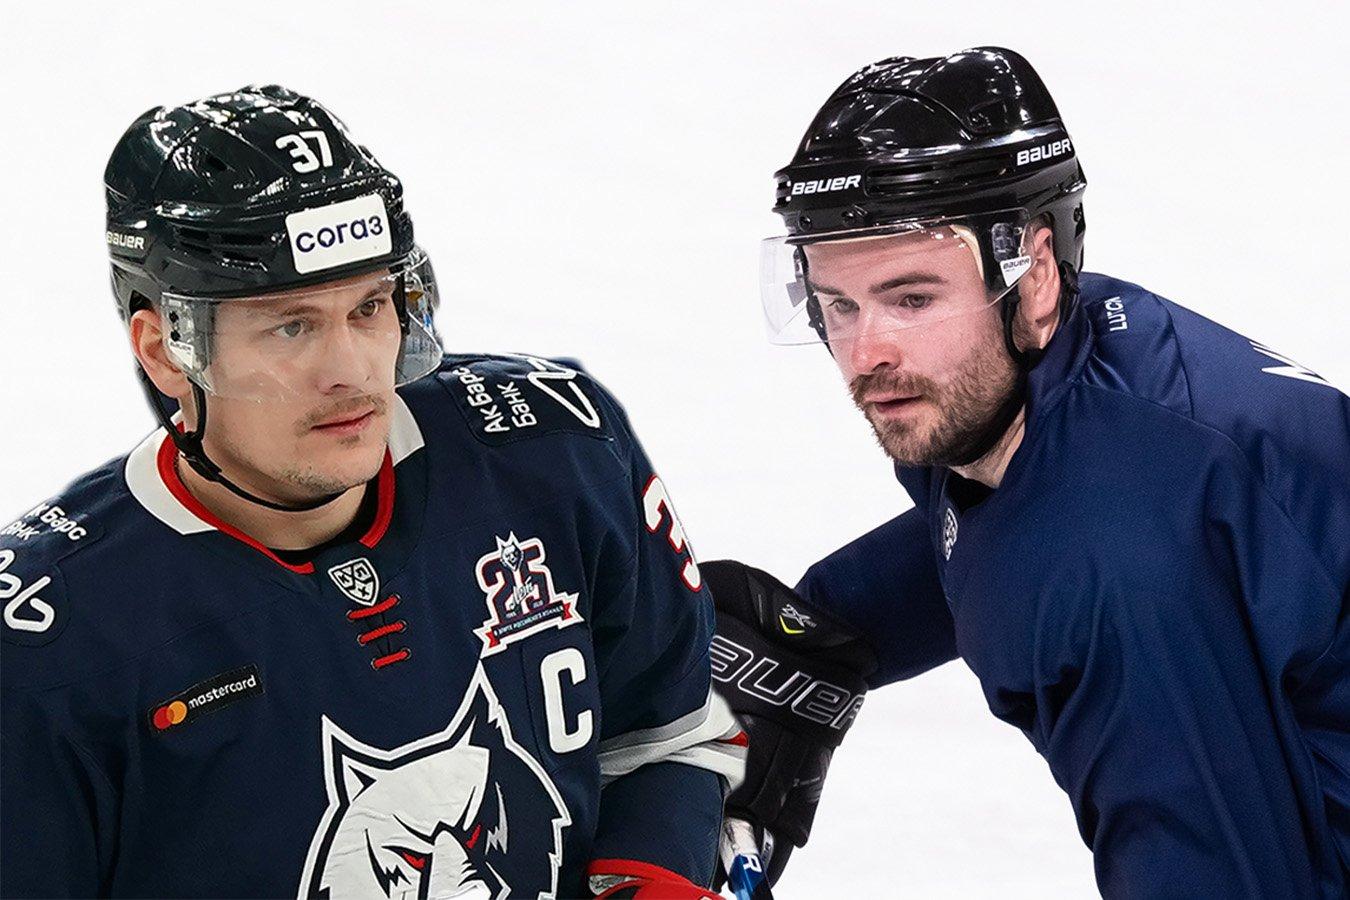 Пошли на понижение. Топ игроков, сменивших КХЛ на ВХЛ в межсезонье